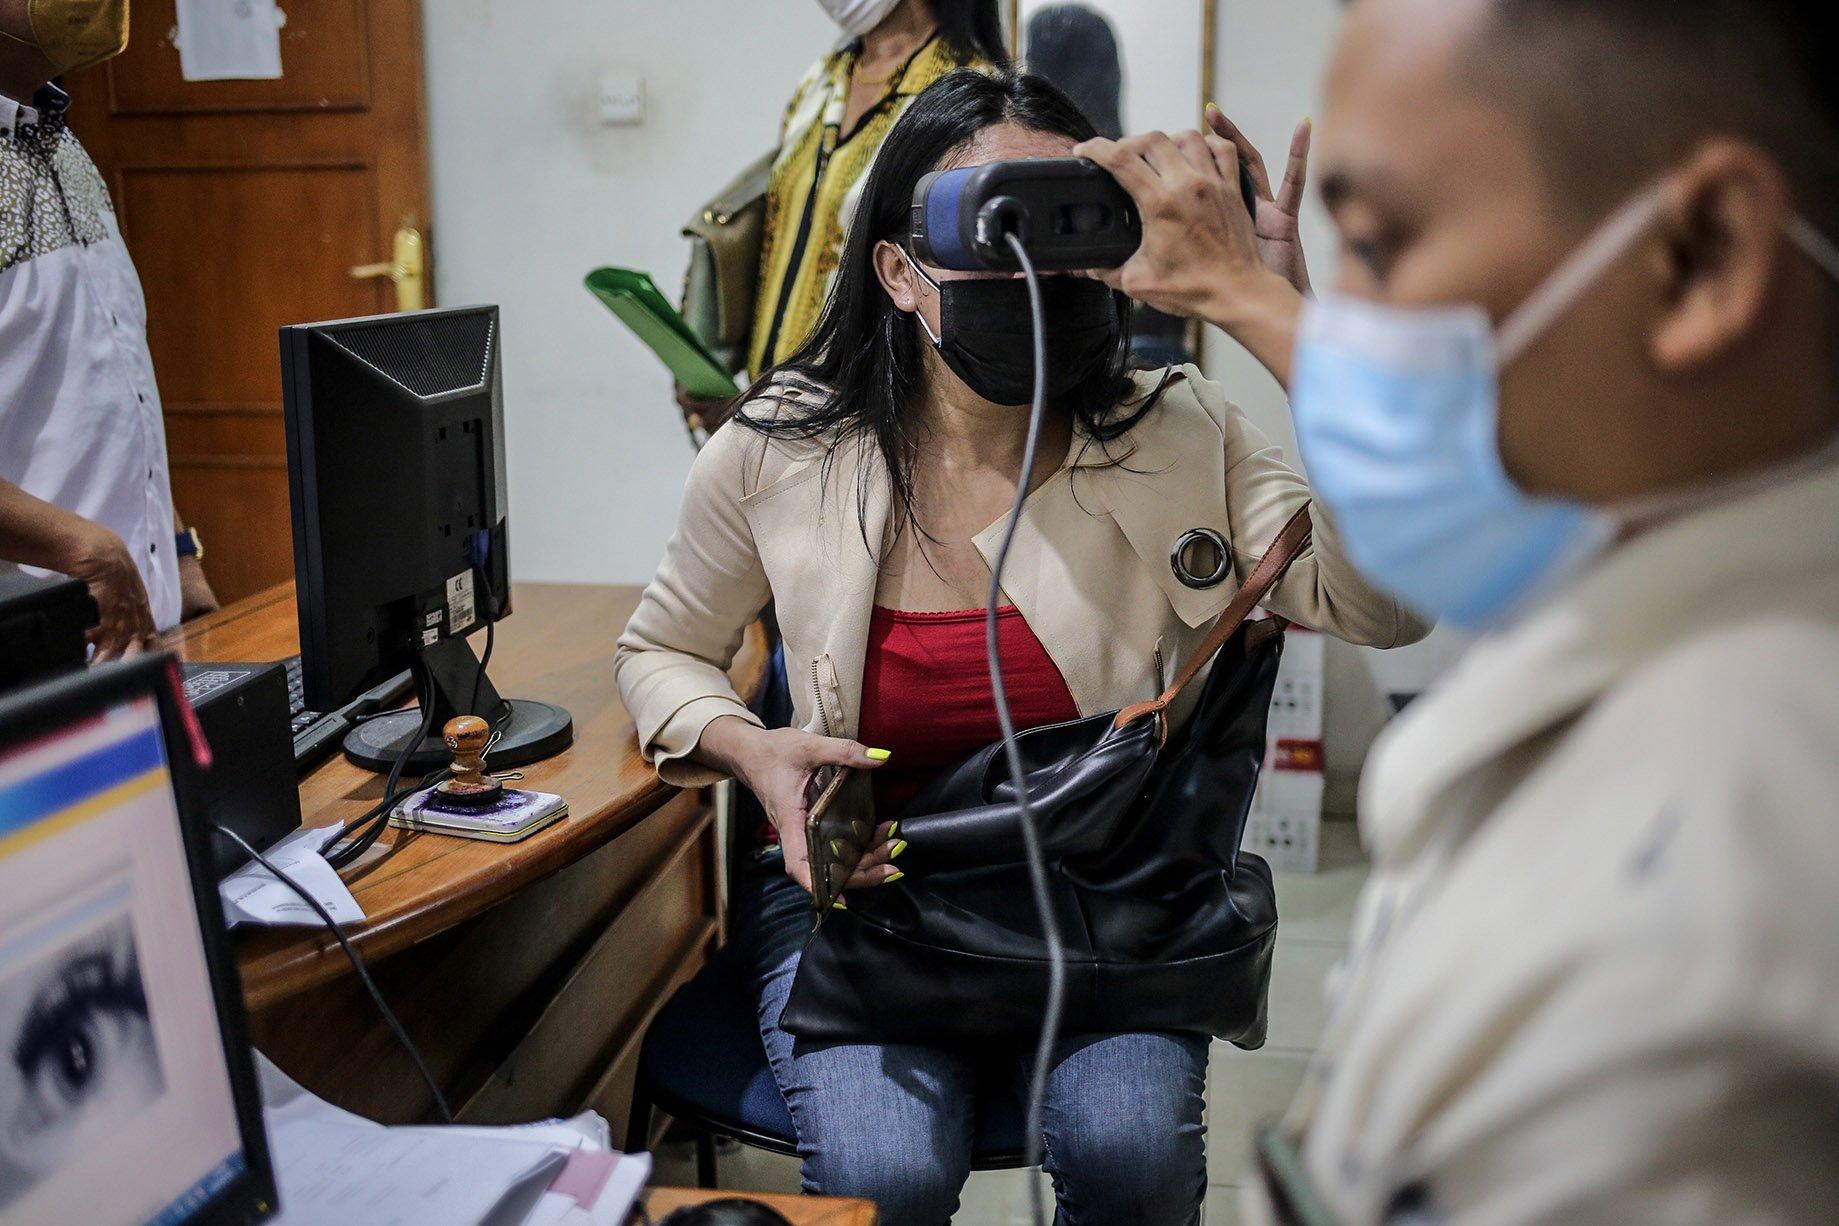 Seorang transpuan melakukan tes biometrik untuk membuat KTP elektronik di Suku Dinas Kependudukan dan Catatan Sipil Jakarta Selatan, Kamis (16/9/2021). KTP elektronik bagi transgender perempuan (transpuan) agar mereka bisa mendapatkan pelayanan publik seperti jaminan sosial, kesehatan, hingga pendidikan.